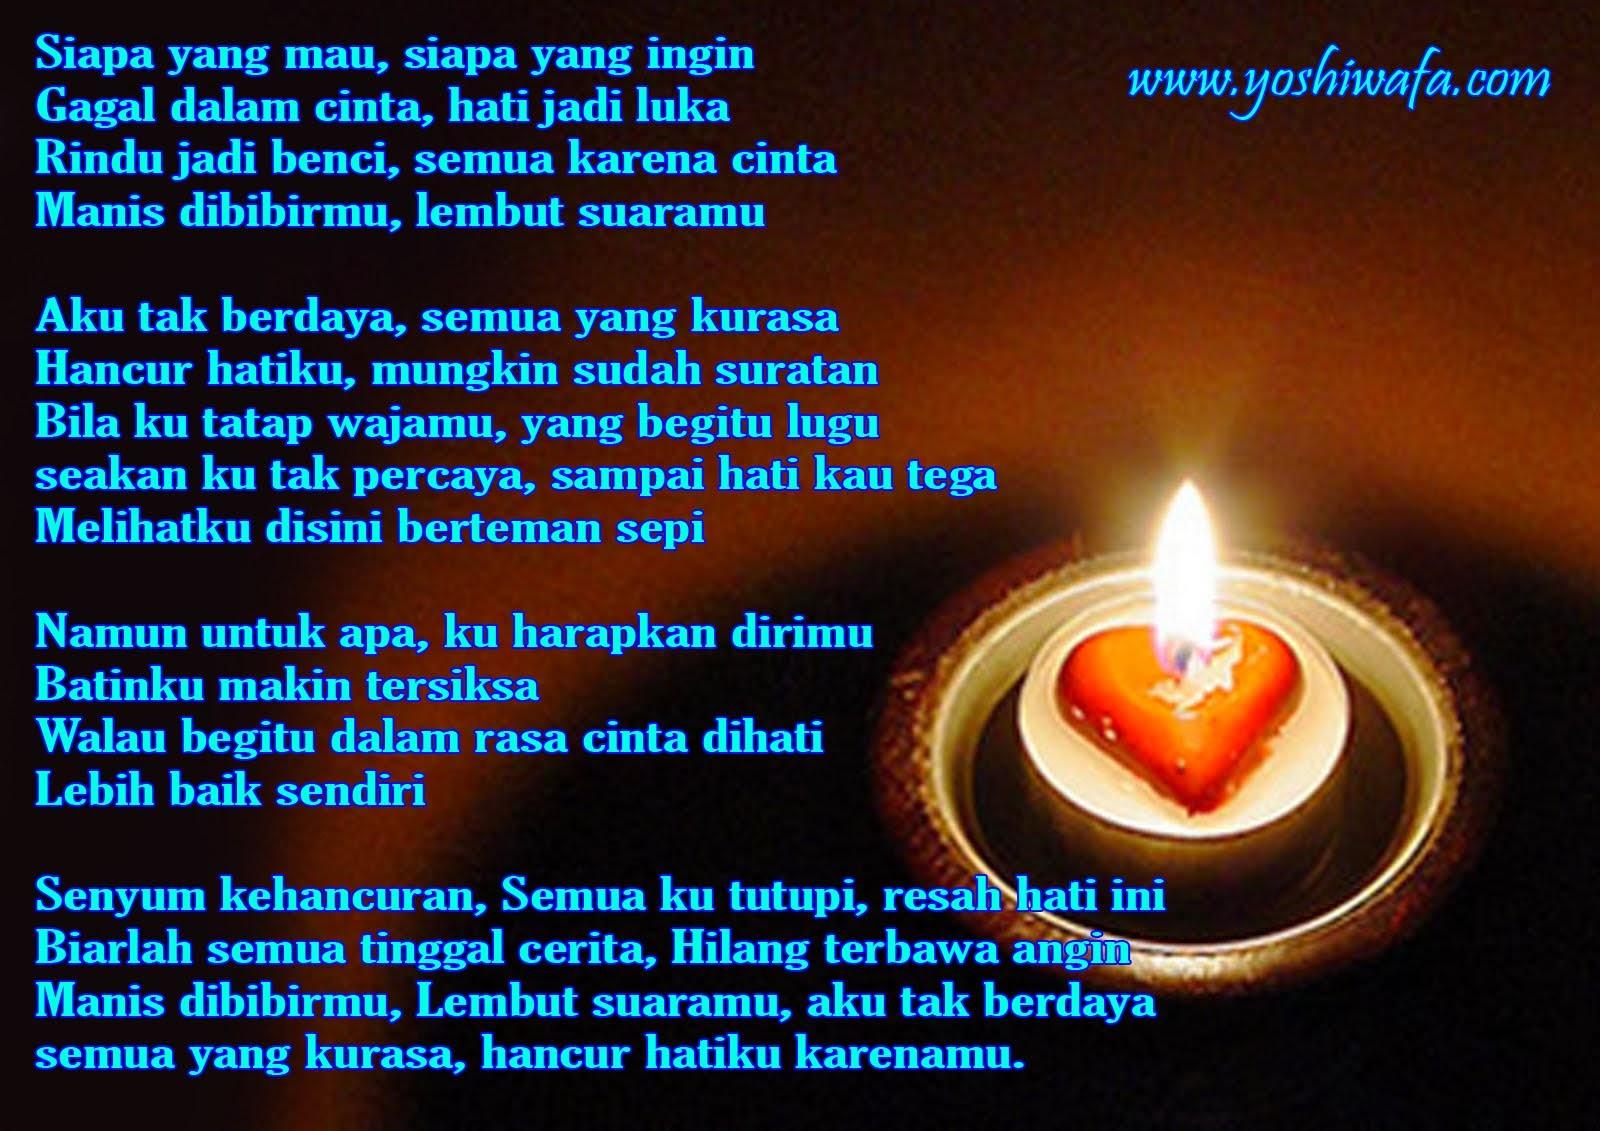 Lilin Cinta Berisikan Puisi Bernada Syahdu